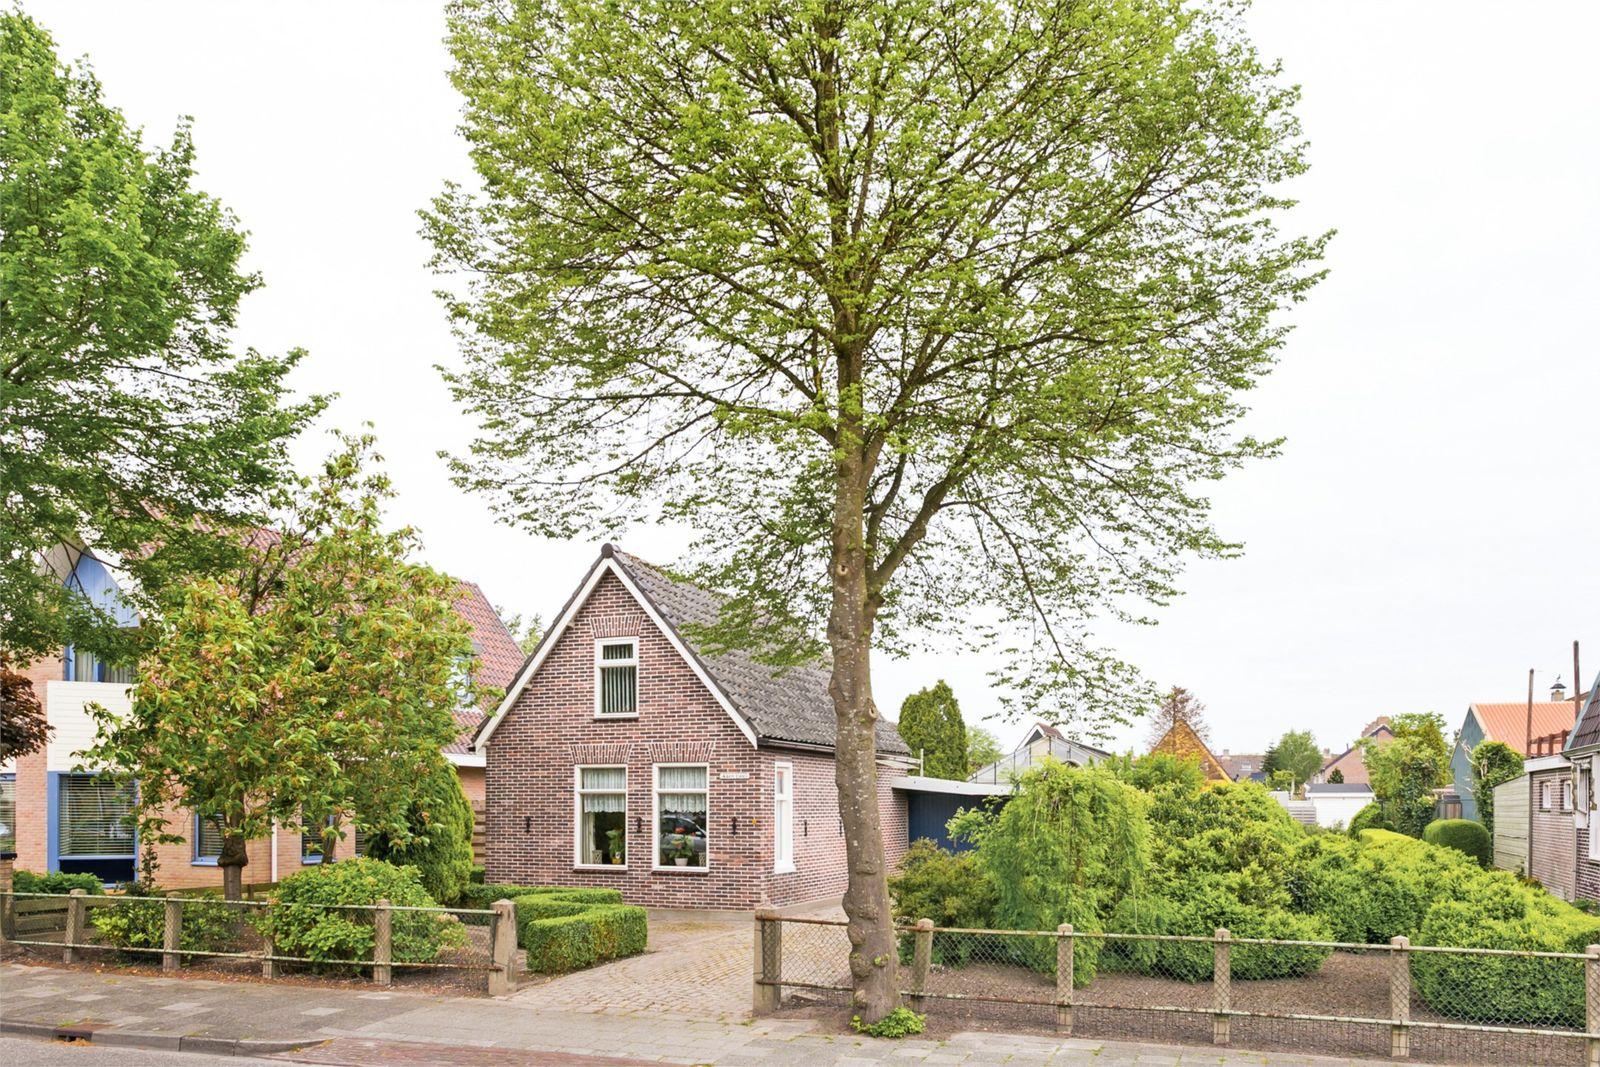 Koninginneweg 61, Opmeer